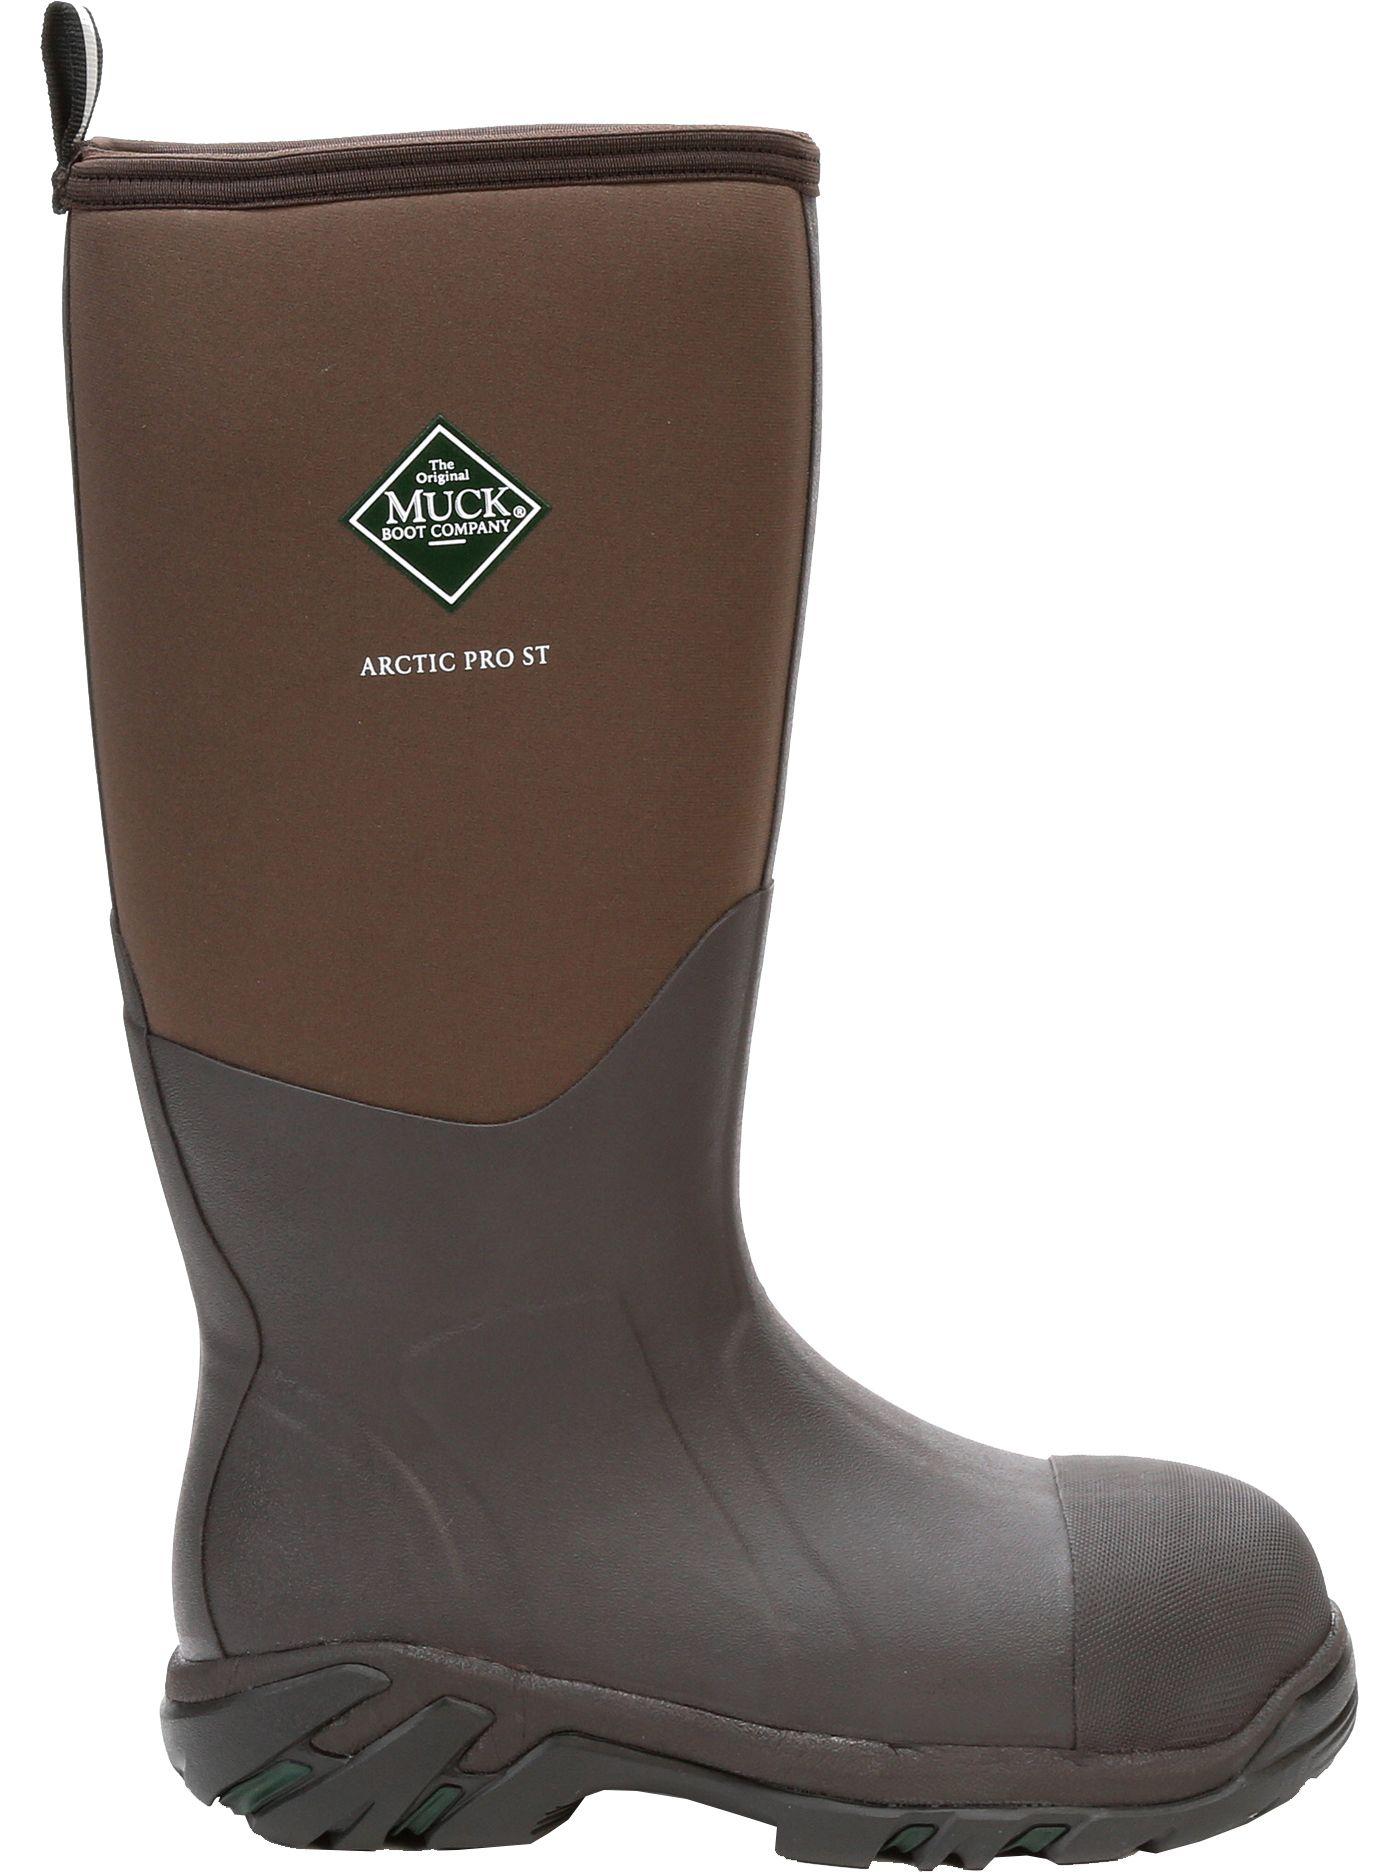 Muck Boots Men's Arctic Pro Steel Toe Waterproof Work Boots